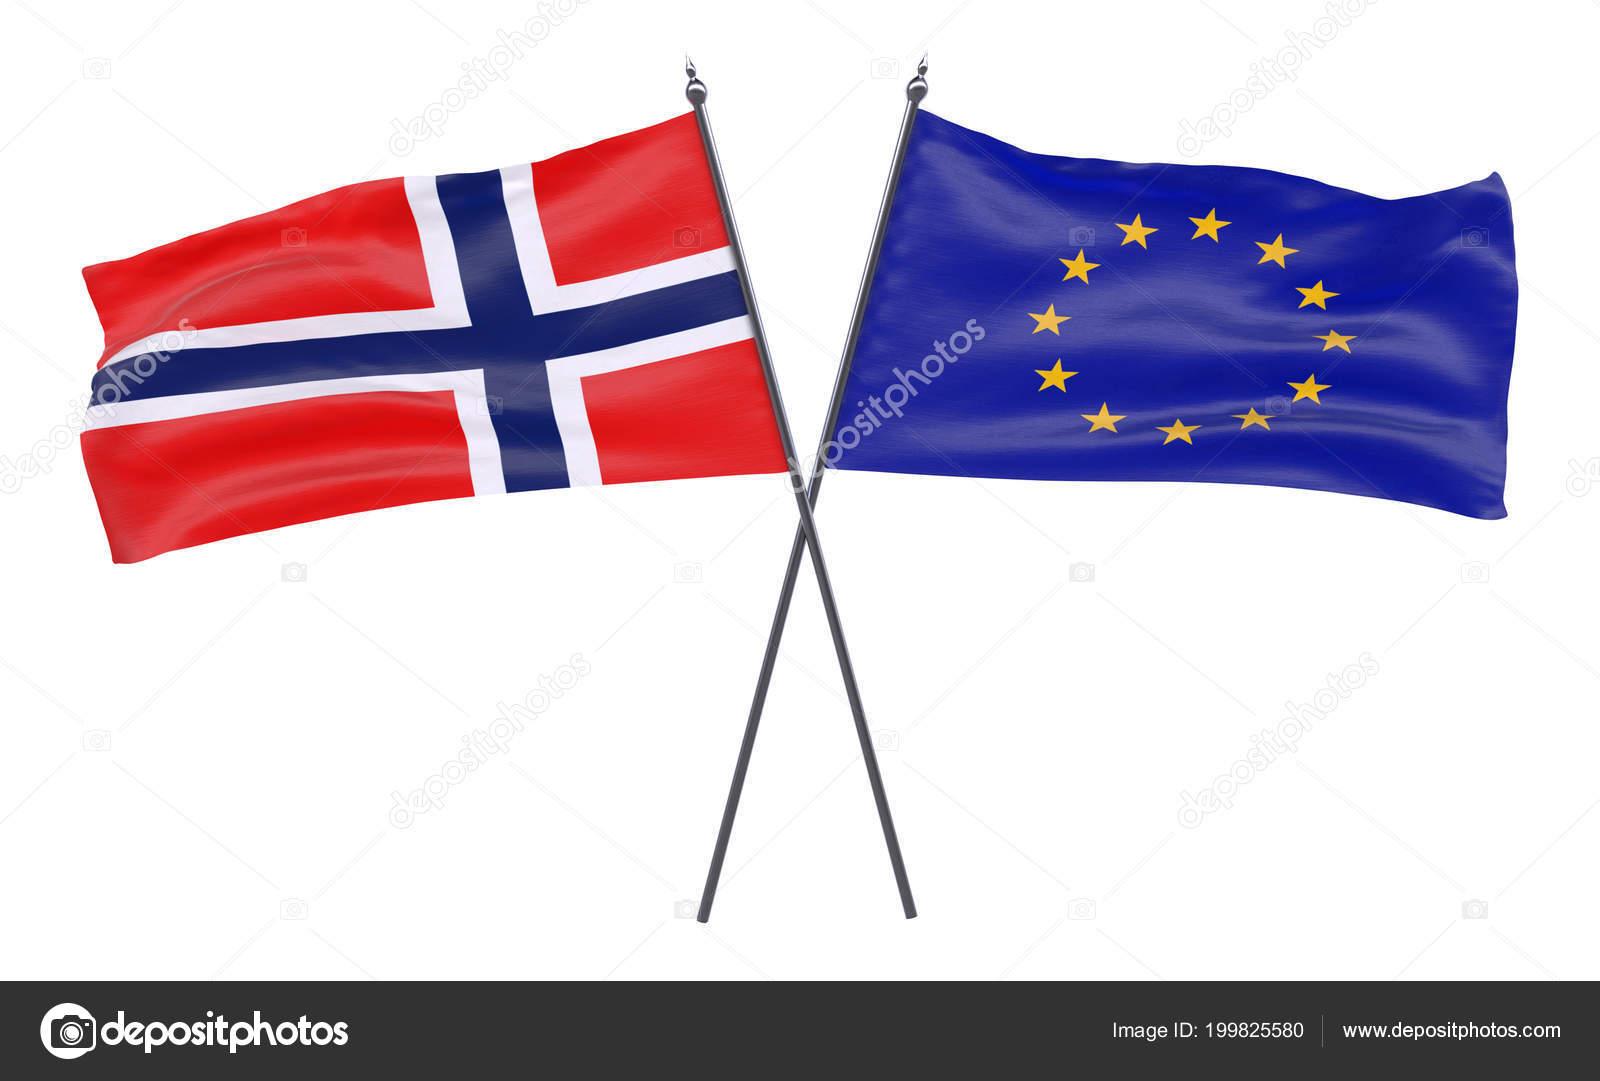 norvegiya-chlen-es